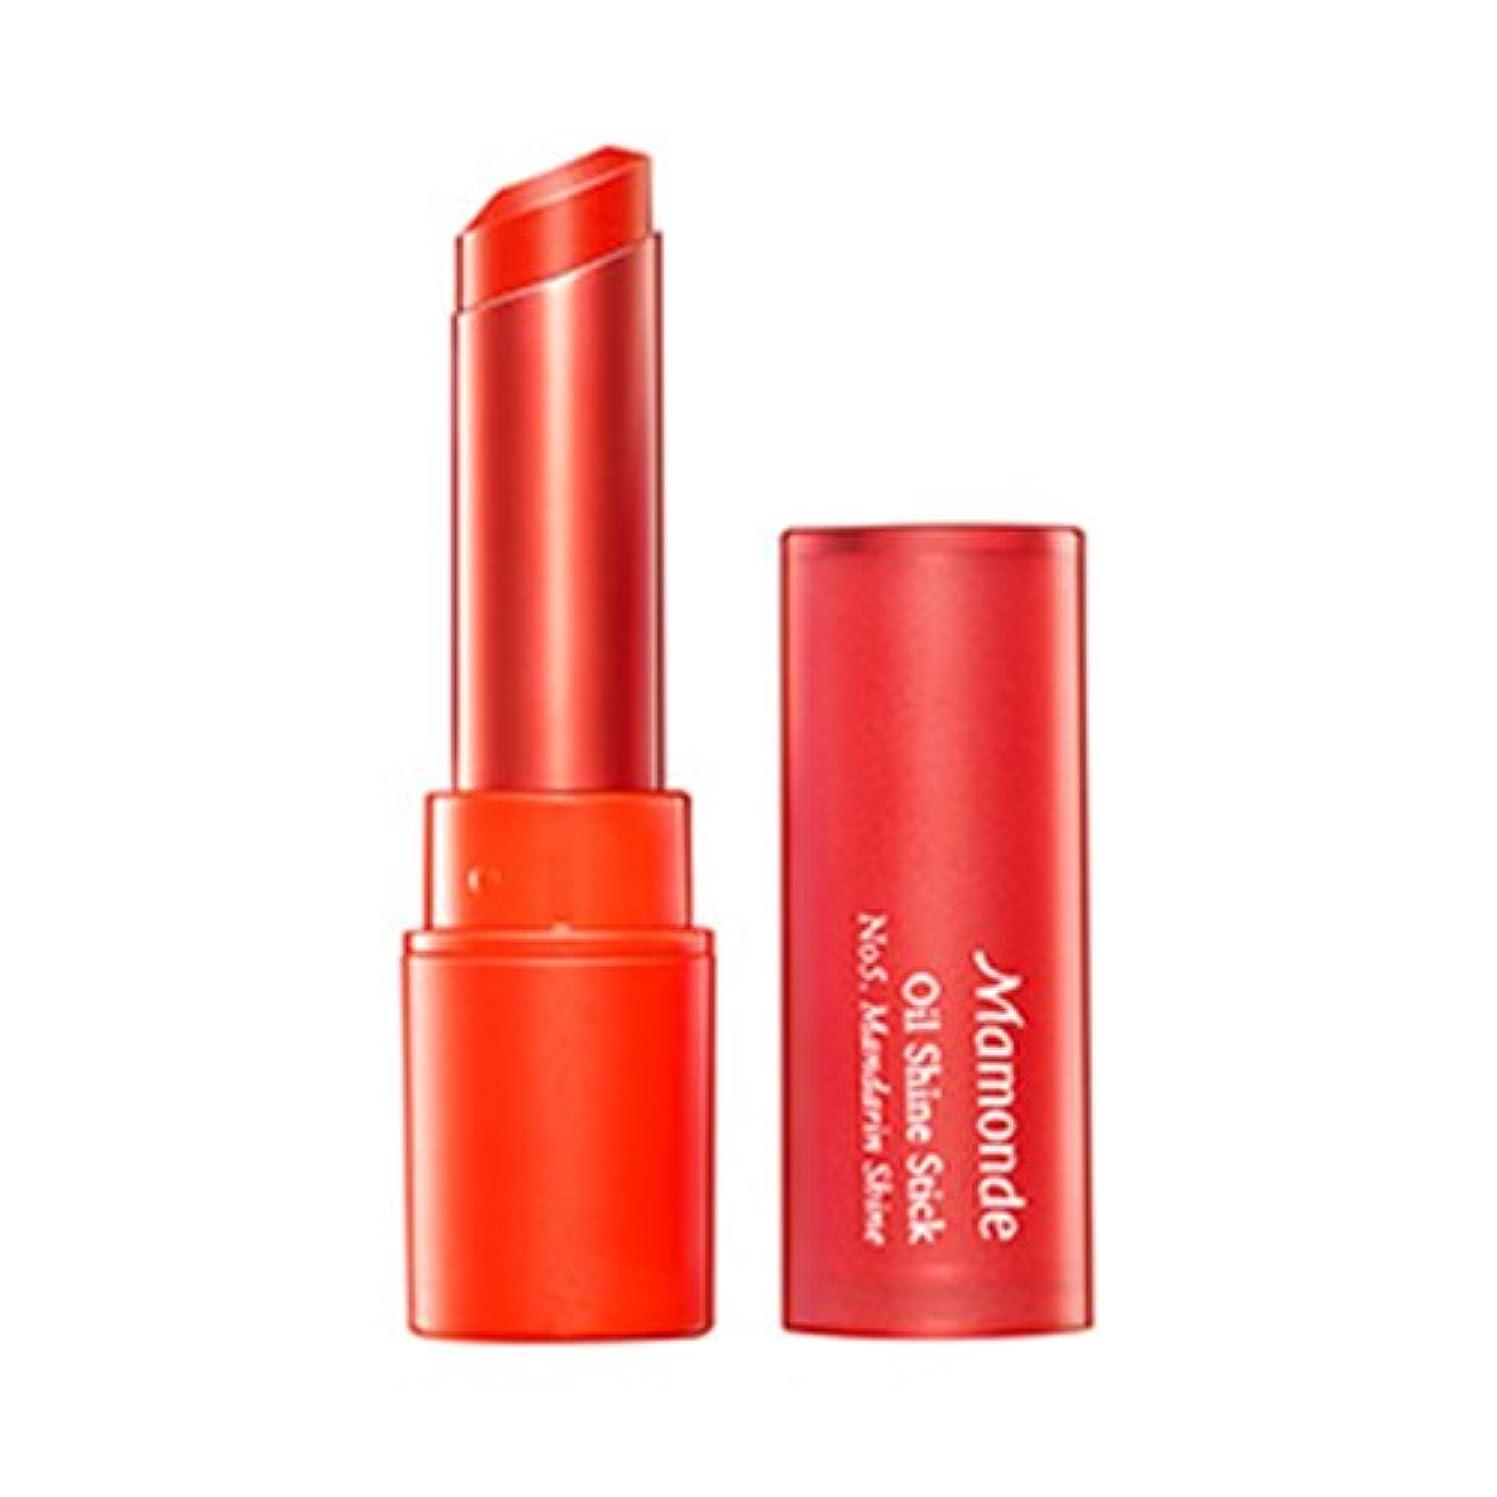 偶然の支援ジョージエリオット[New] Mamonde Oil Shine Stick 3.4g/マモンド オイル シャイン スティック 3.4g (#5 Mandarine Shine) [並行輸入品]